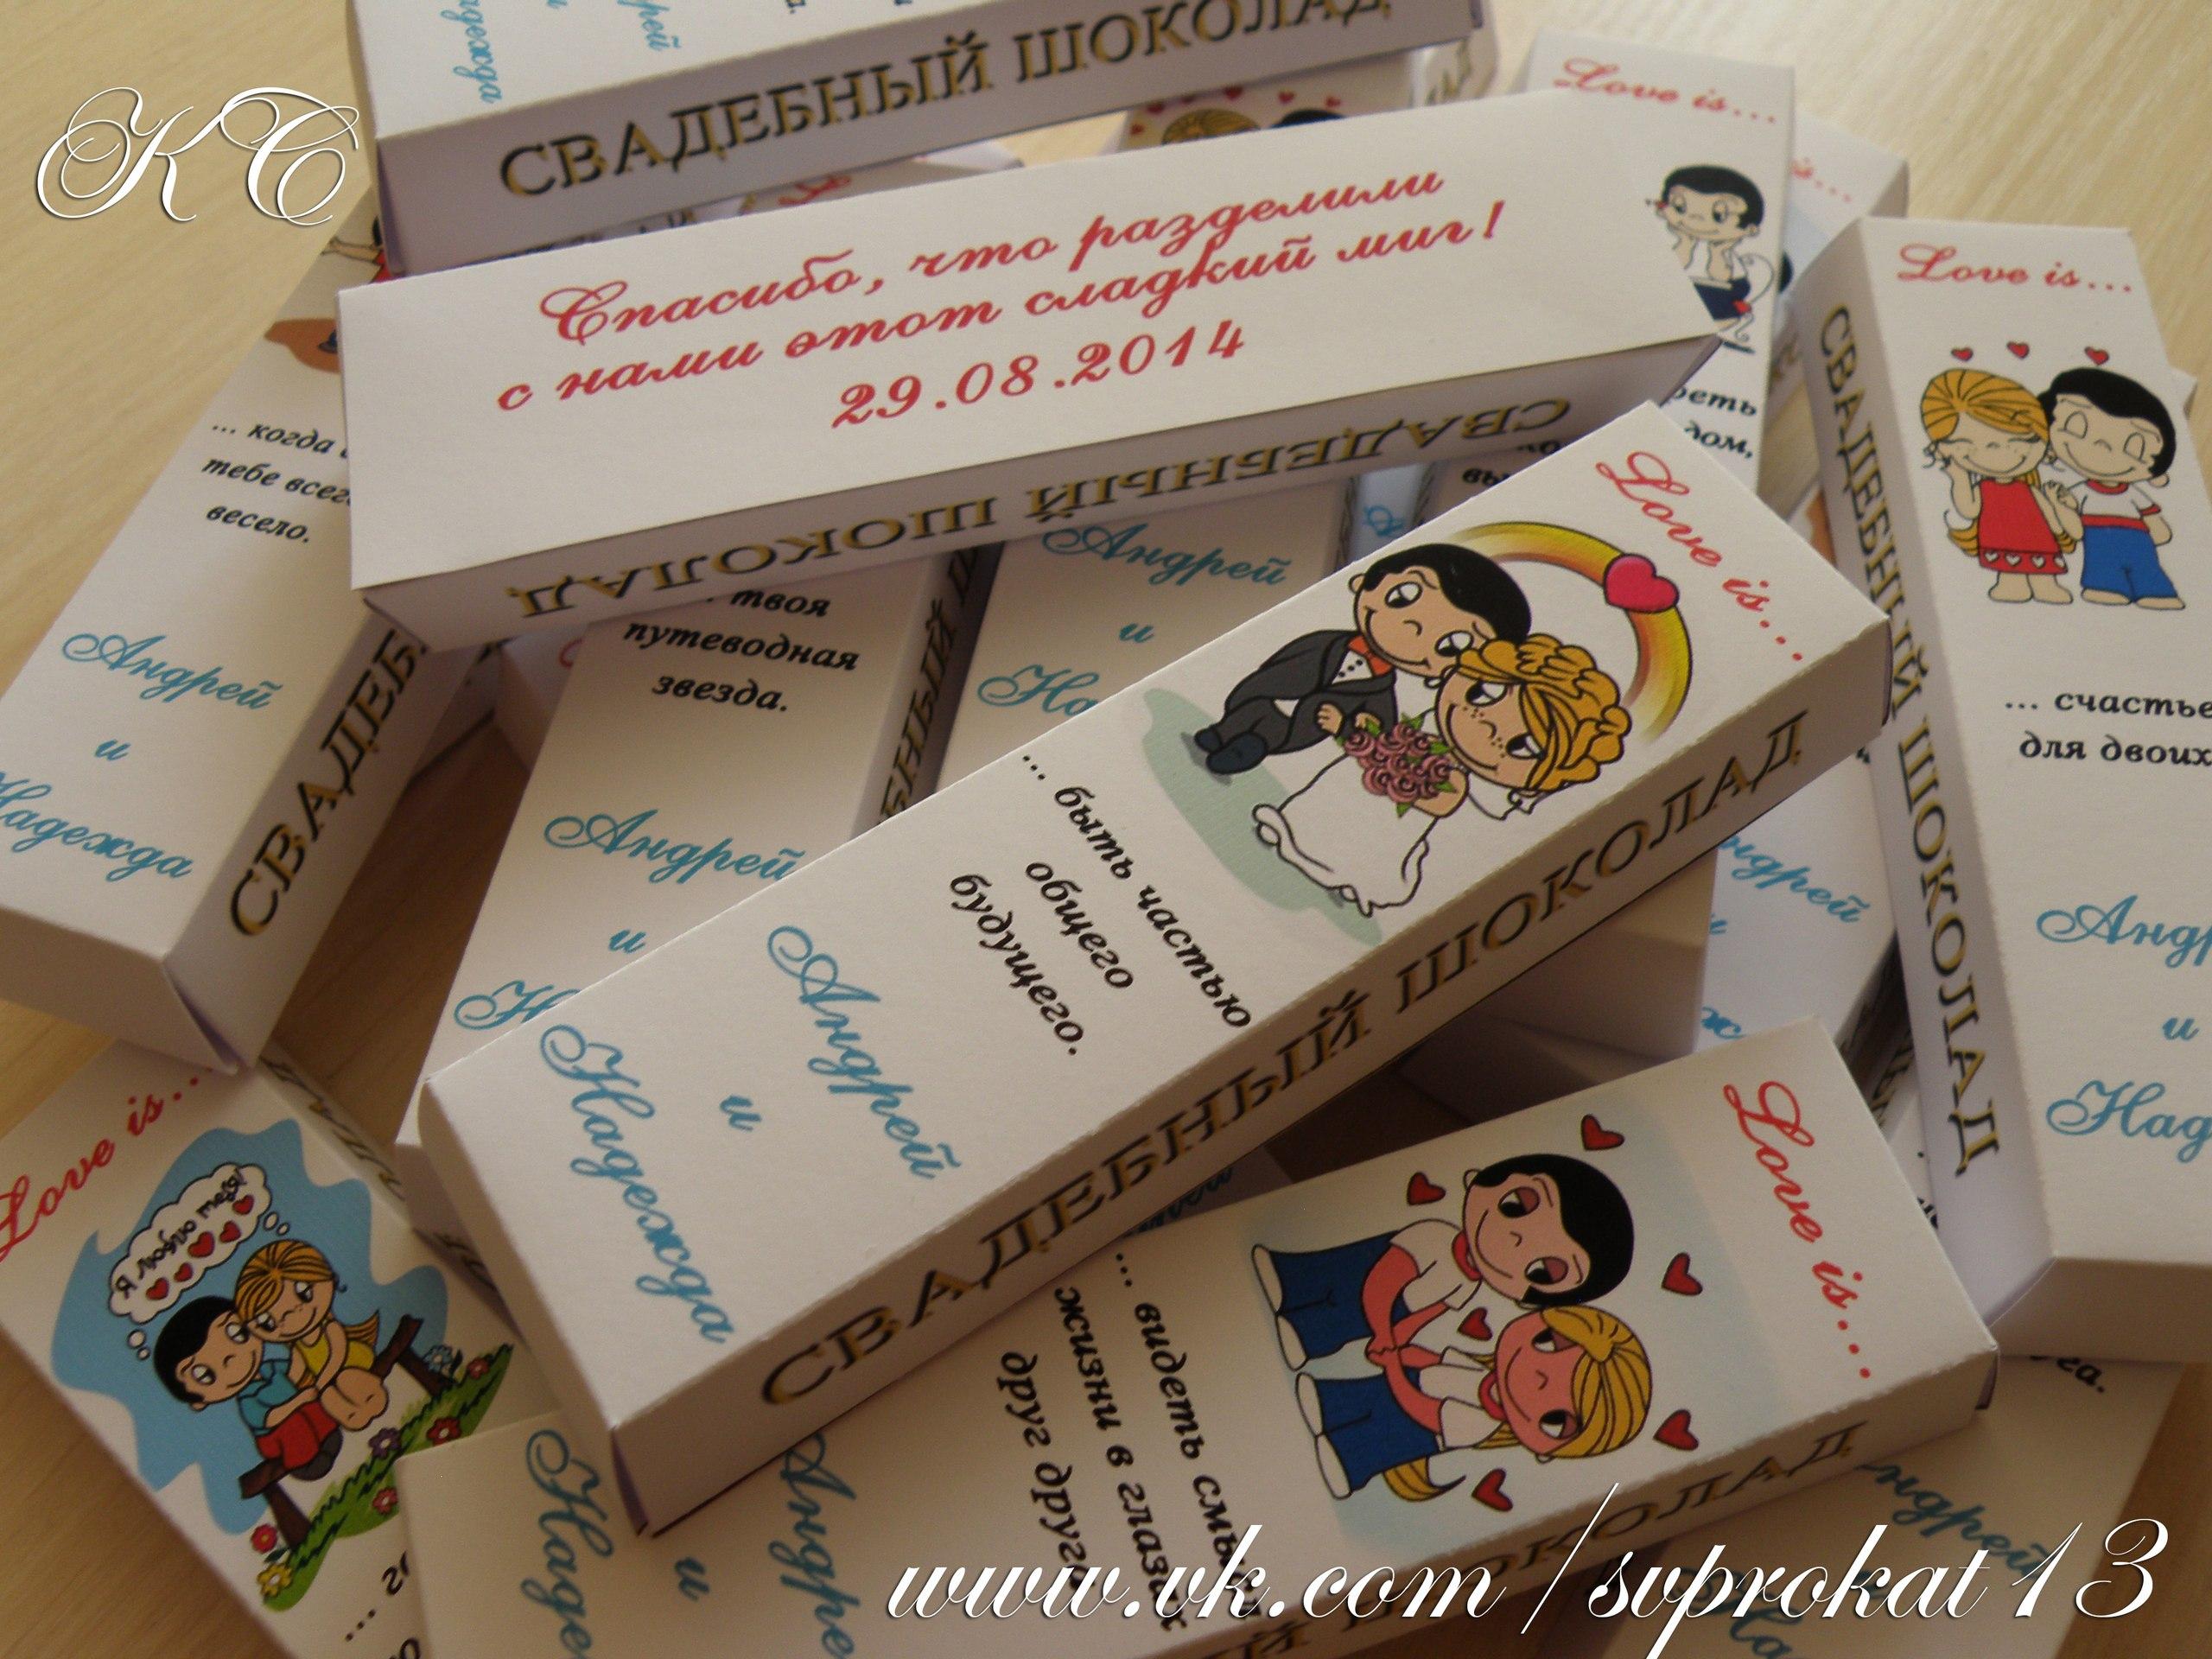 Подарки гостям на свадьбе от молодоженов за конкурсы